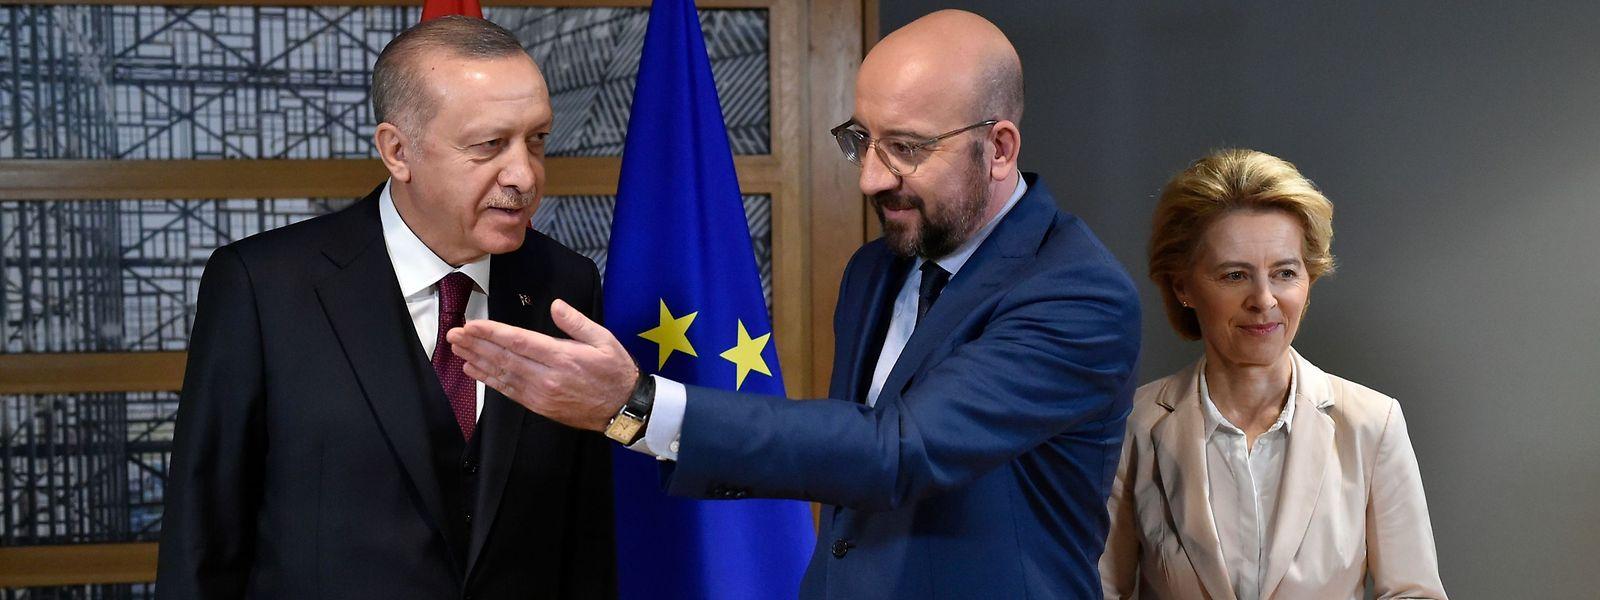 EU-Ratspräsident Charles Michel (m.) mit EU-Kommissionschefin Ursula von der Leyen und dem türkischen Präsidenten Recep Tayyip Erdogan.